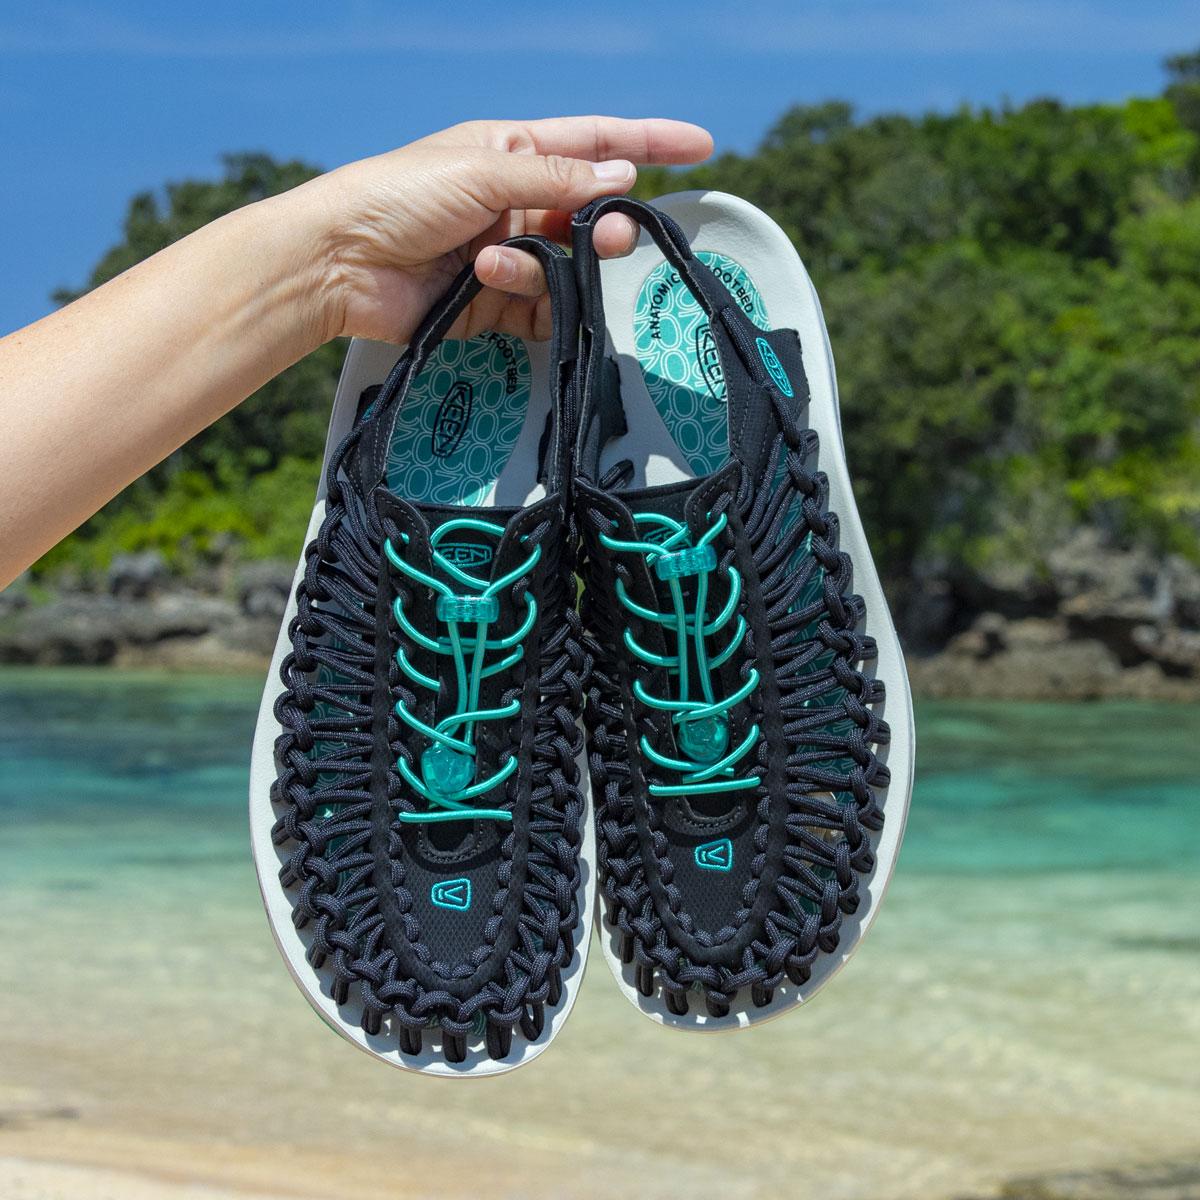 メンズ靴, スニーカー KEEN UNEEK M-ATMOS JADE( )BLACK 20SS-S at20-c